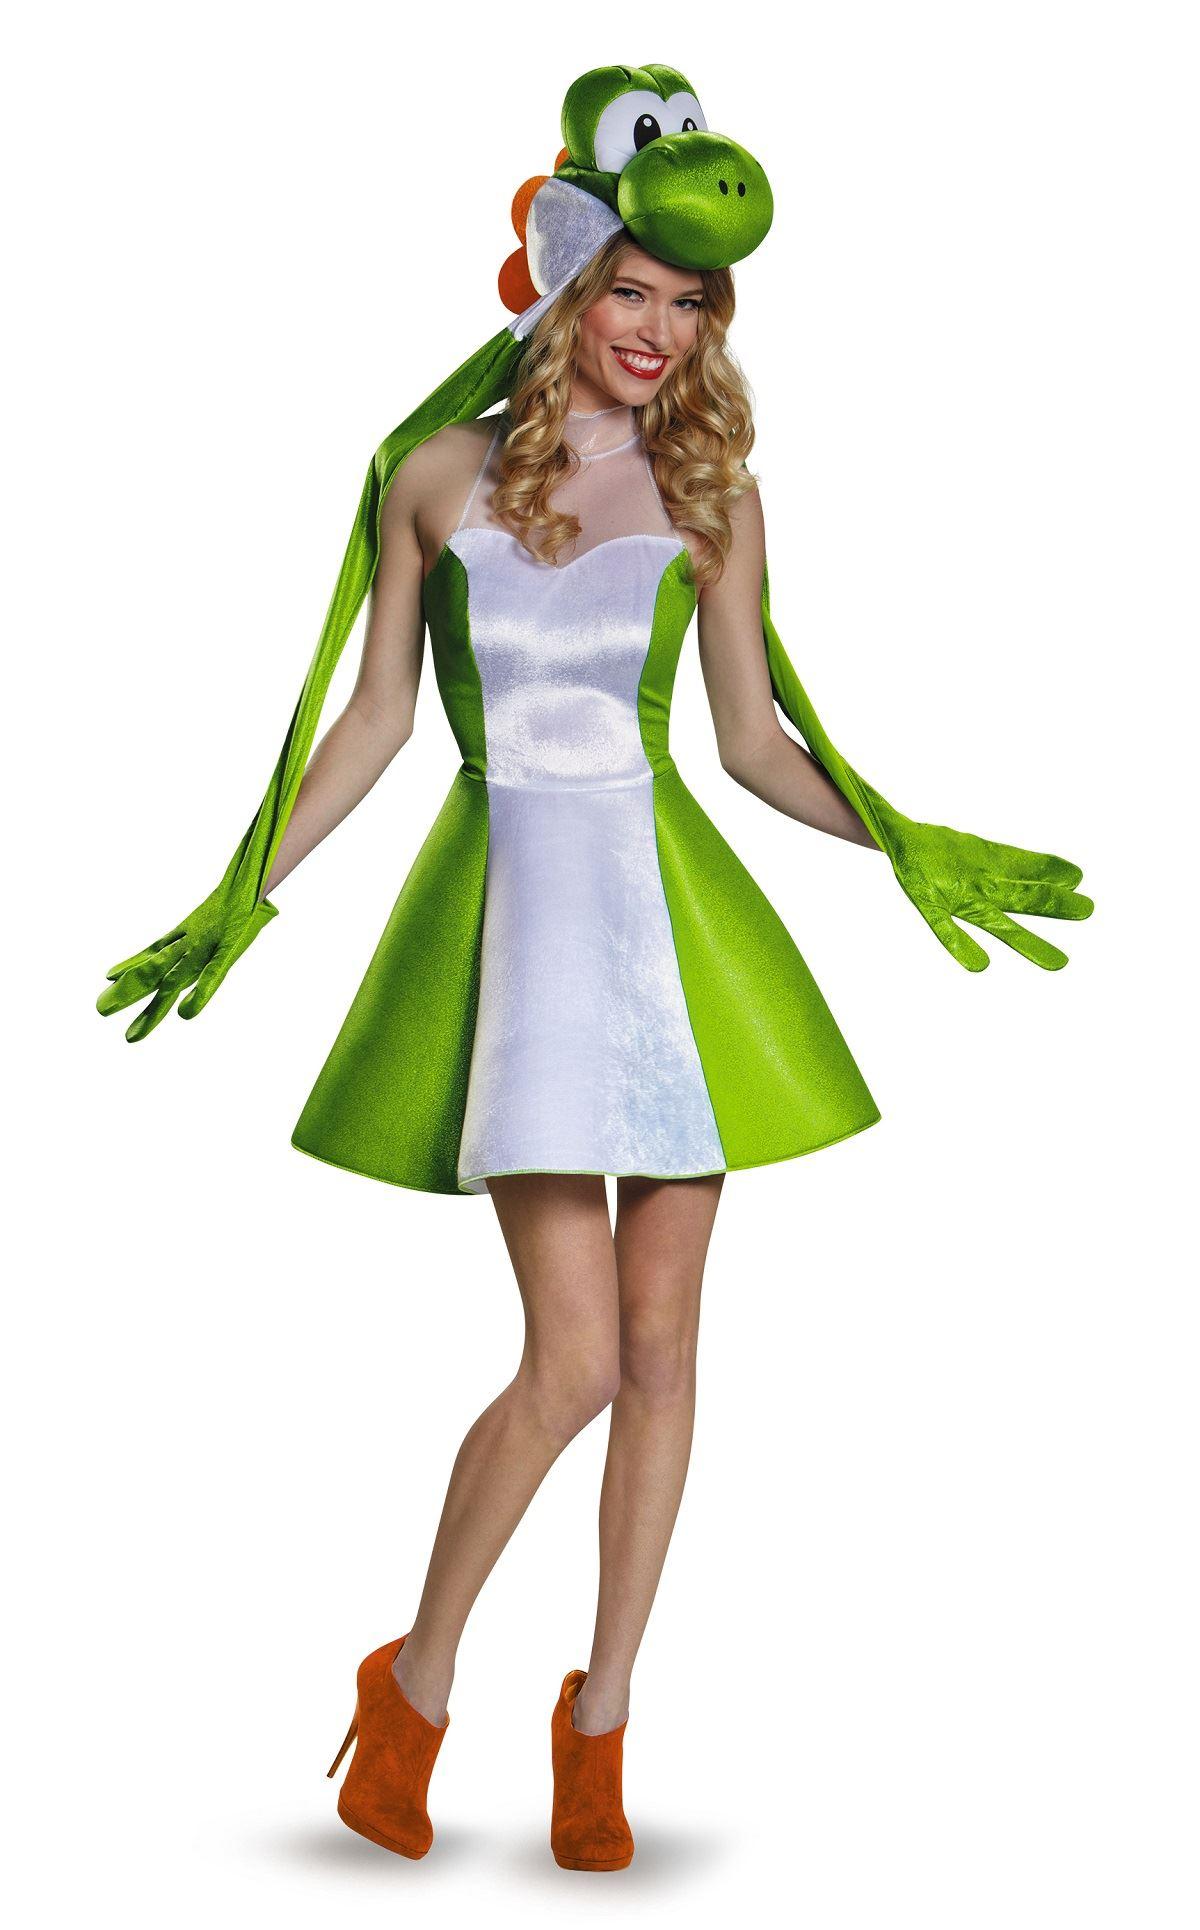 halloween costumes tween girls collection halloween costumes tween girls pictures native